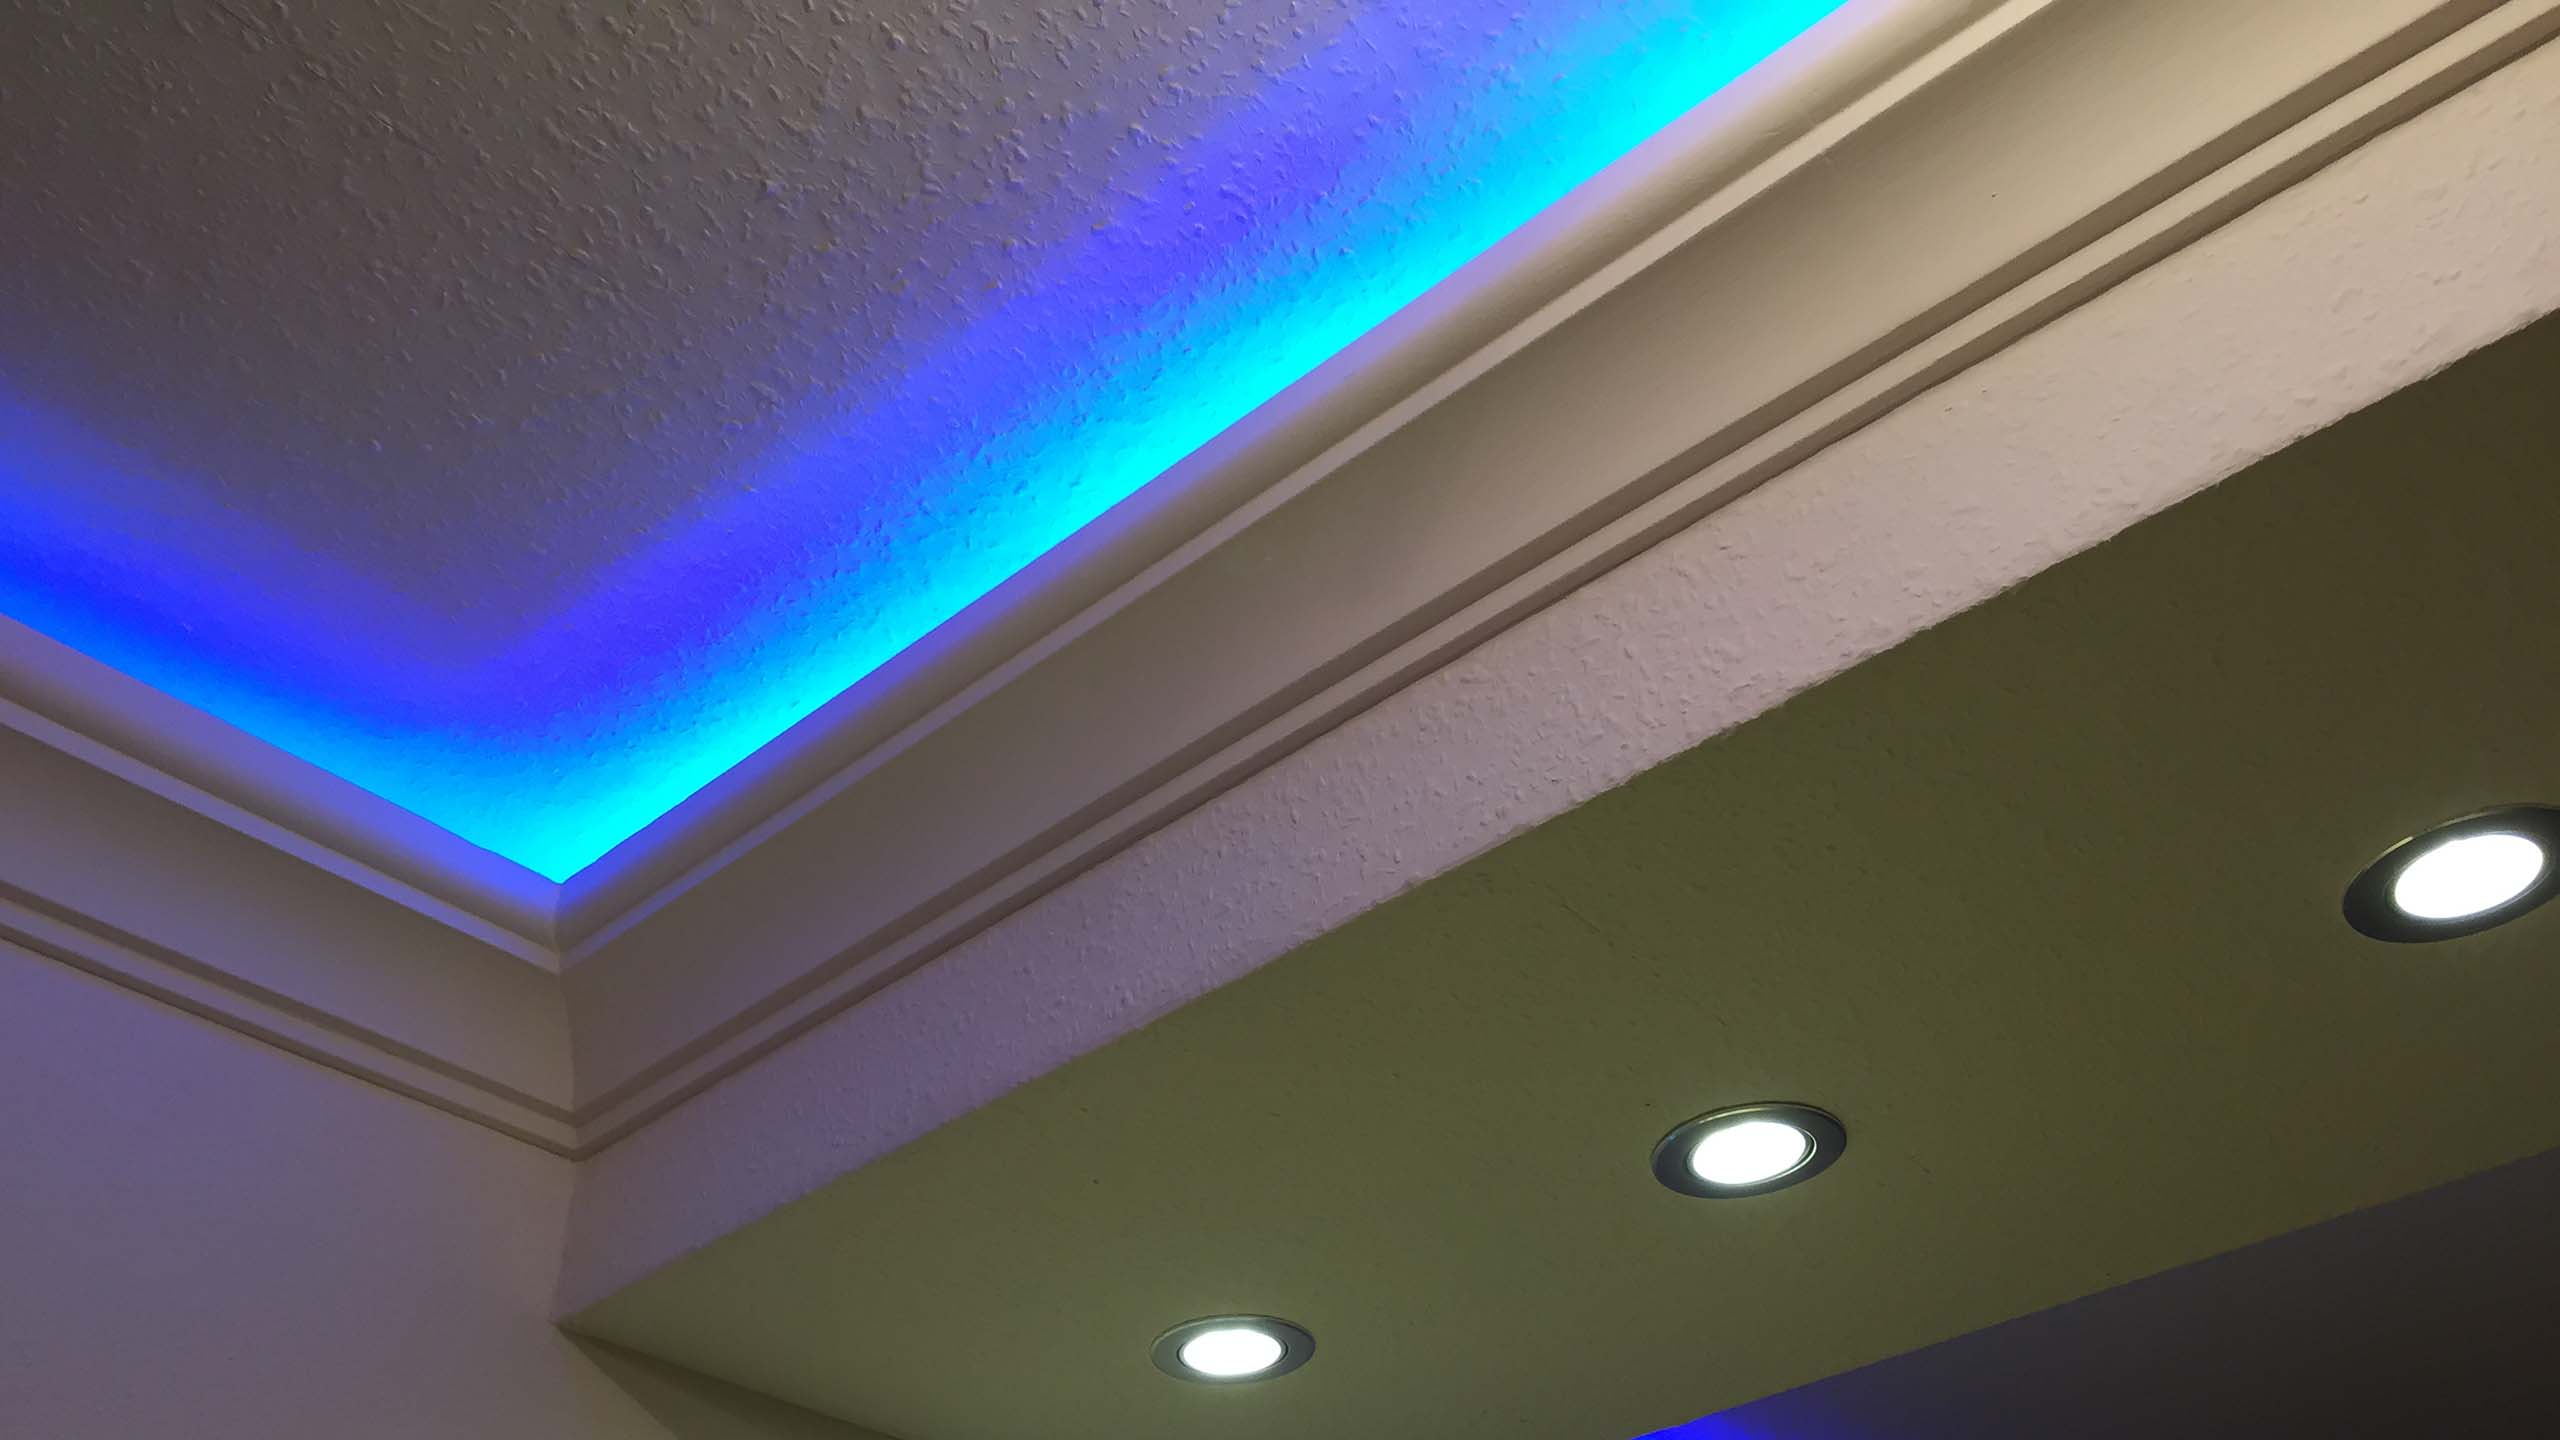 indirekte deckenbeleuchtung mit led stuckleisten und lichtvouten. Black Bedroom Furniture Sets. Home Design Ideas